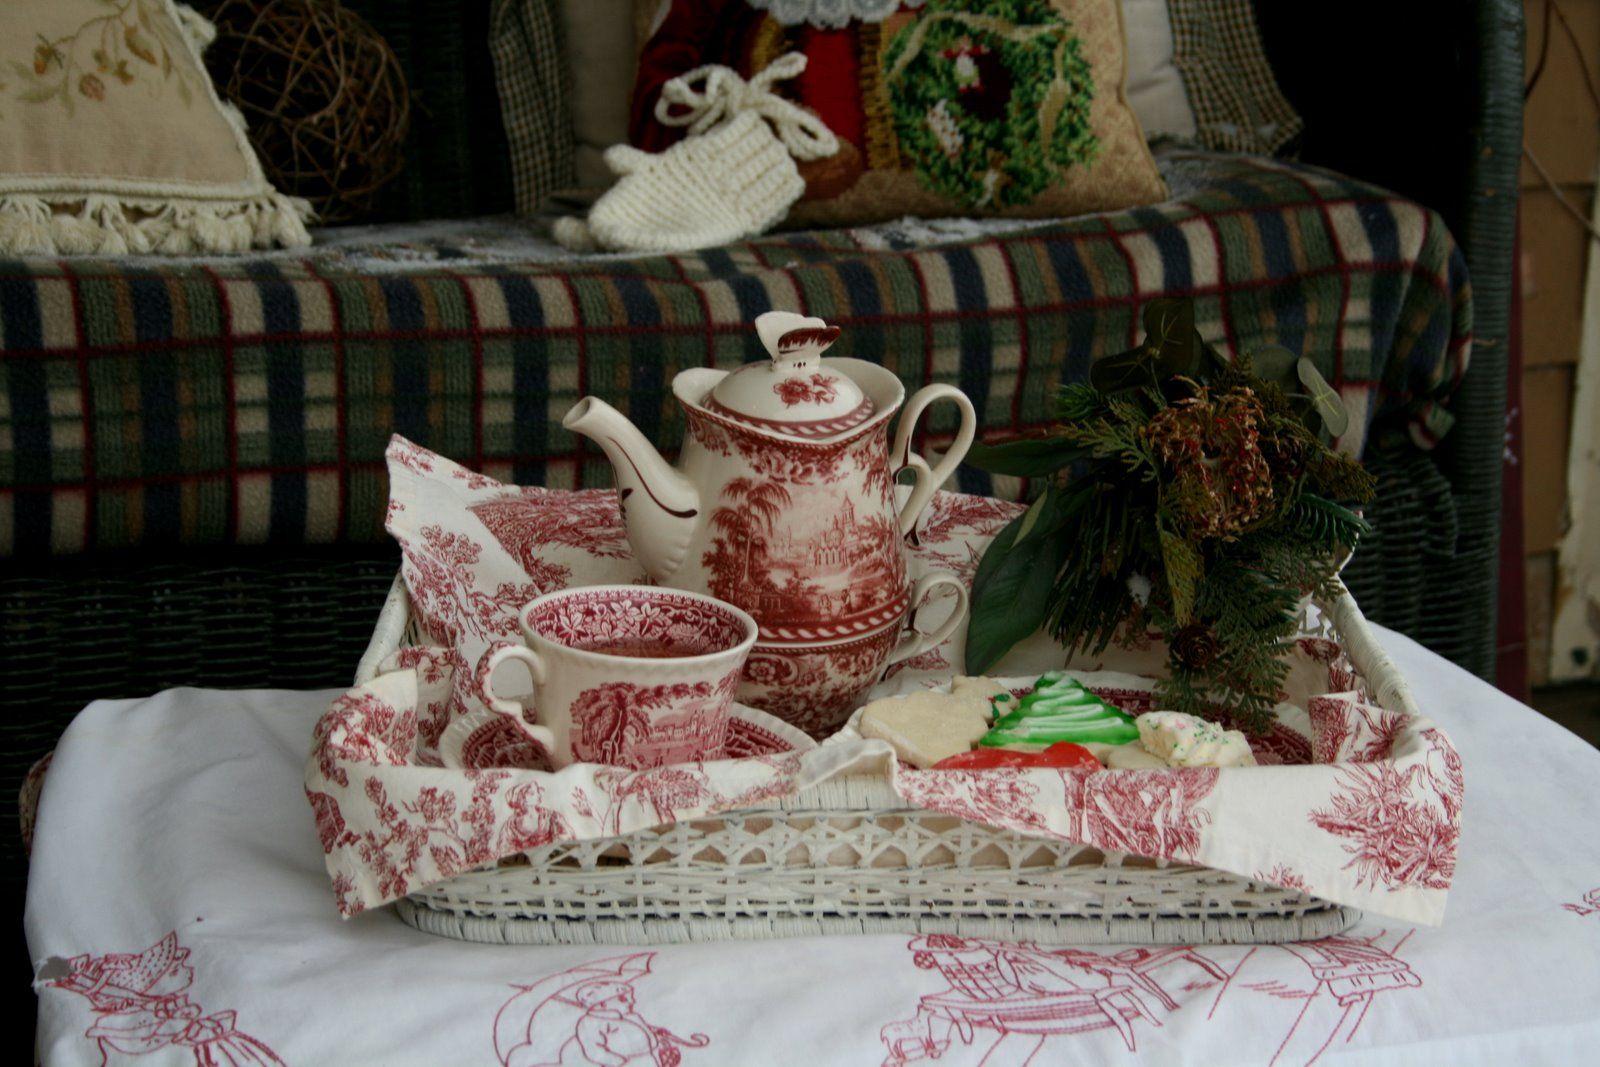 Aiken House & Gardens: Tea on the Porch